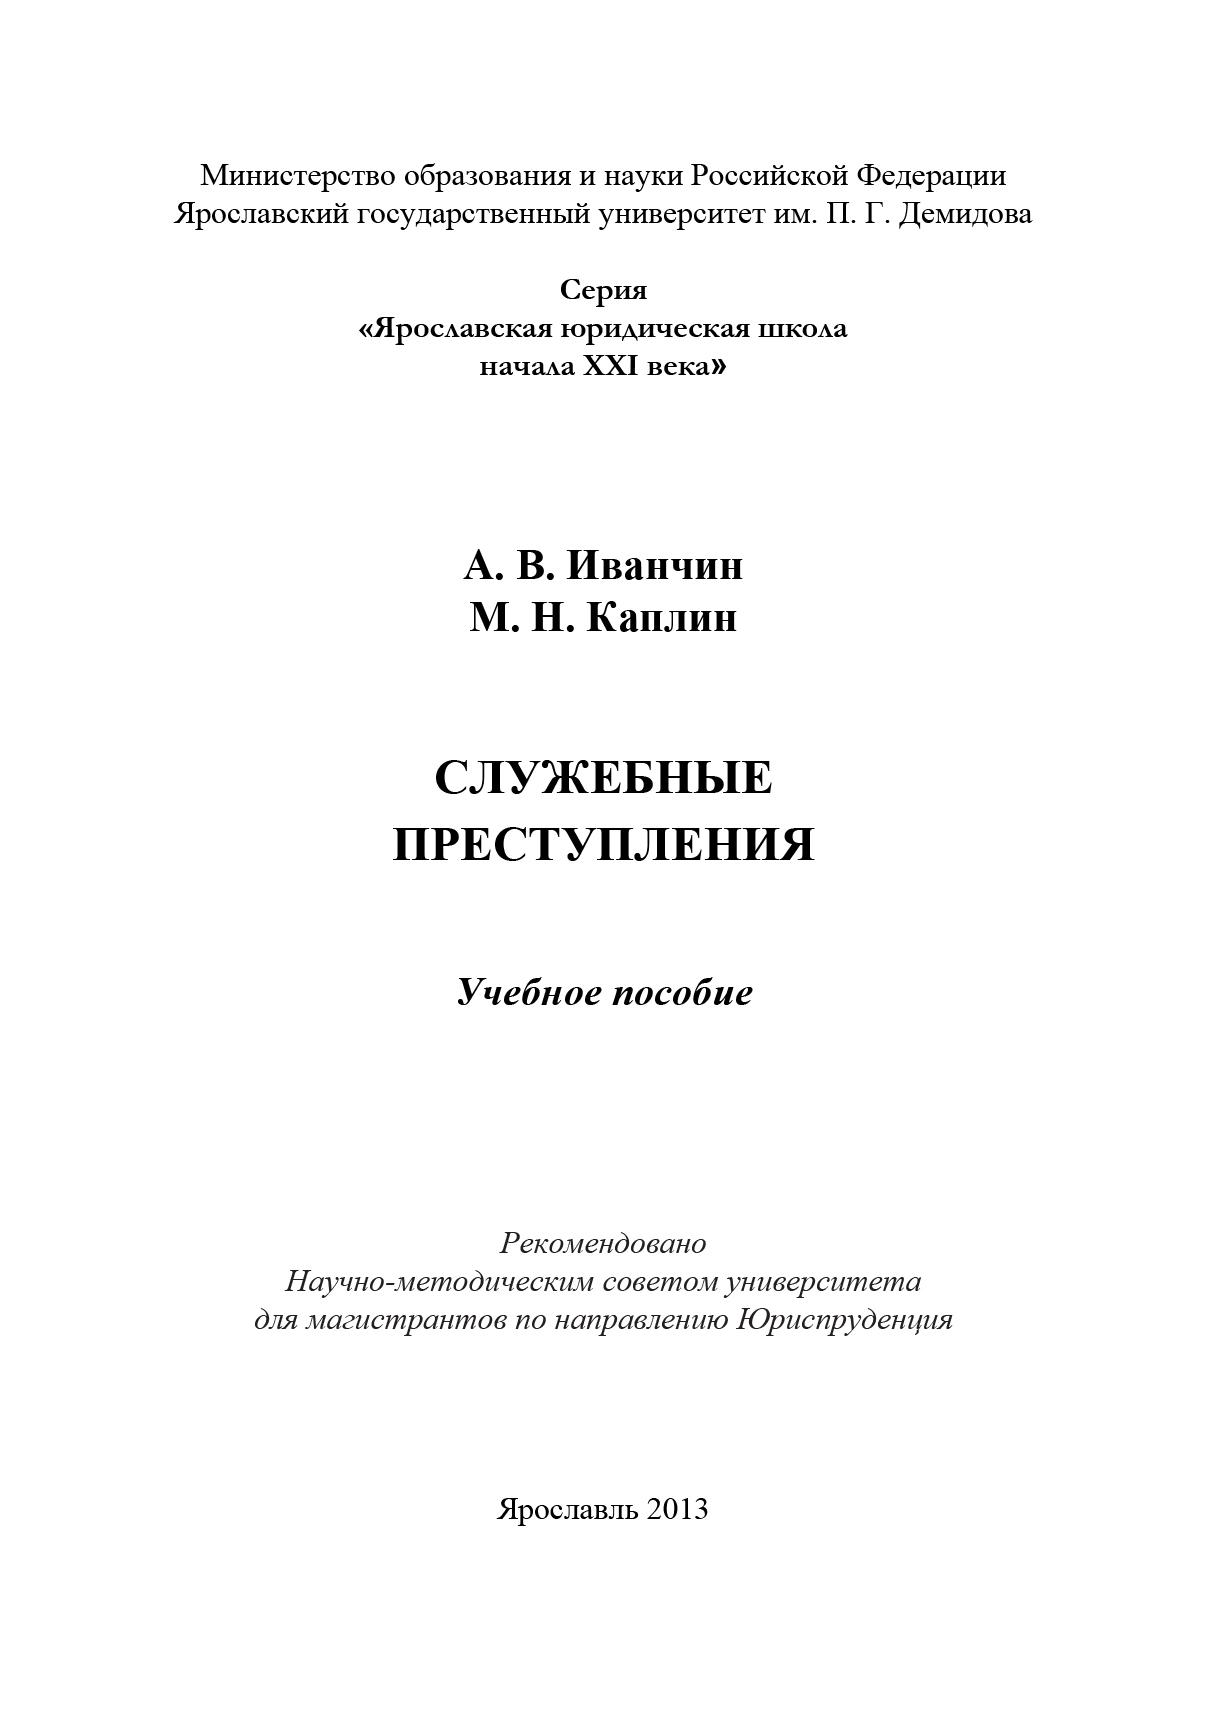 цена на Артем Иванчин Служебные преступления